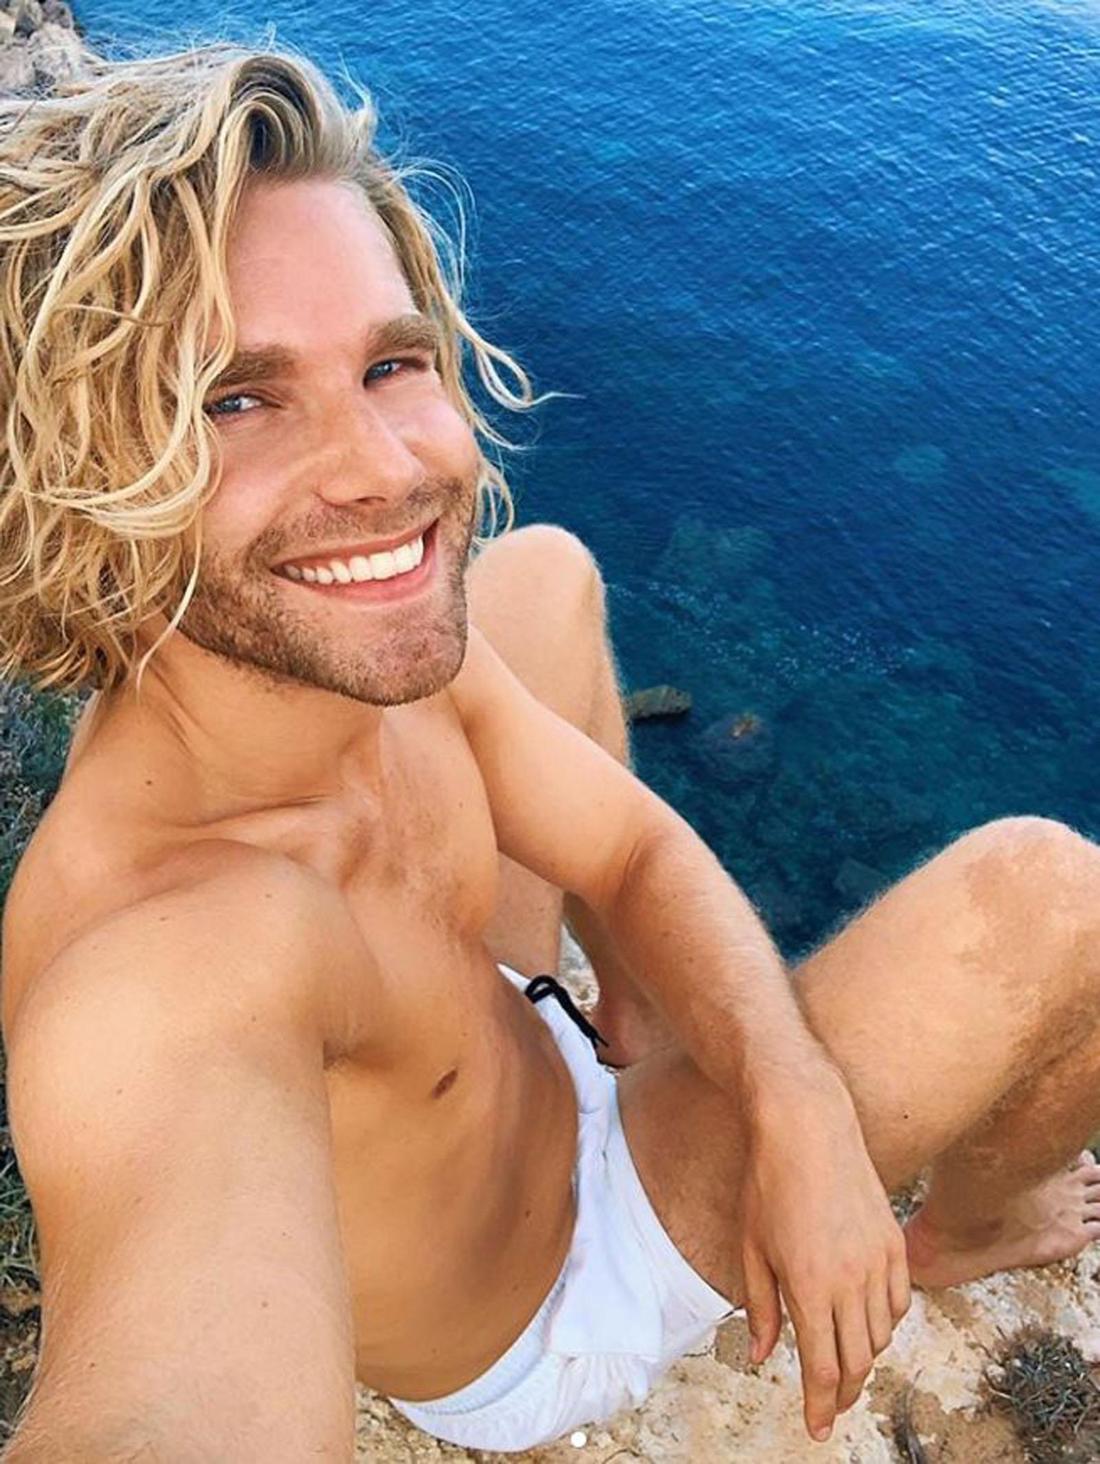 Martijn Stoffers sitz an einer Klippe, er lächelt und untem ihm ist Wasser